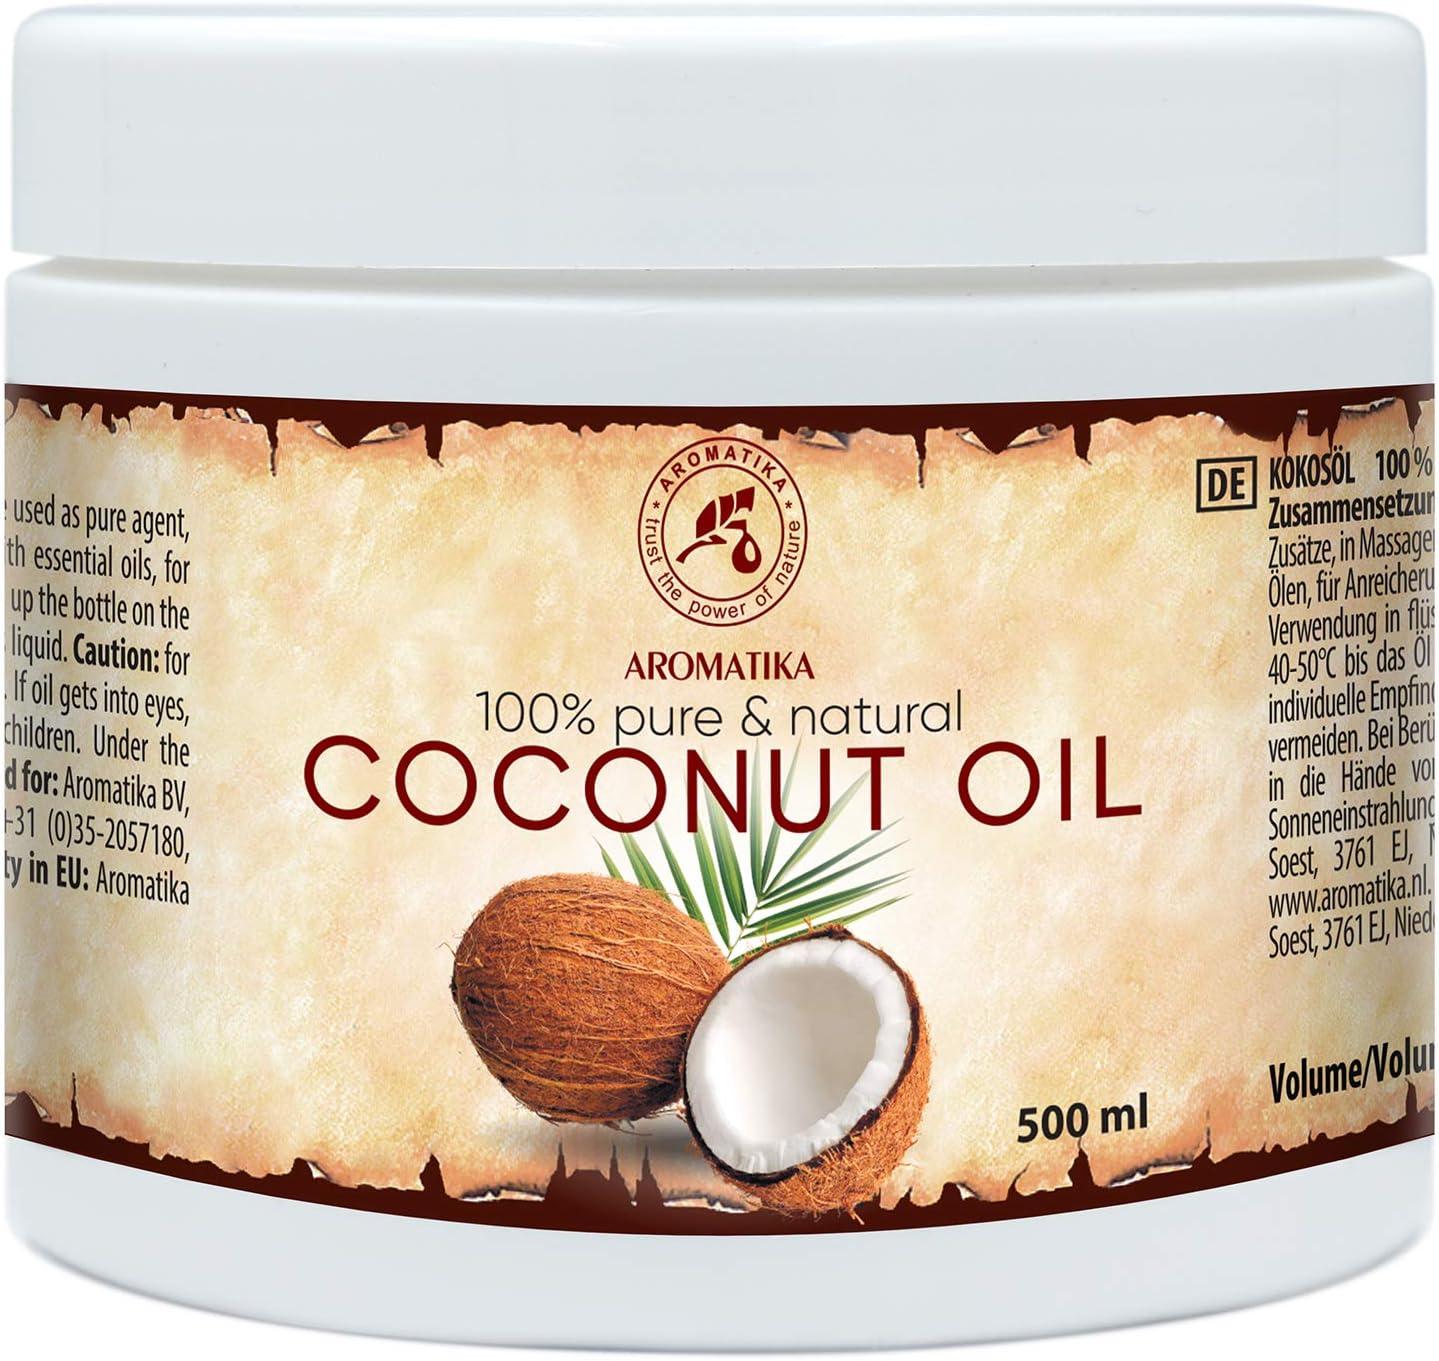 Aceite de Coco 500ml - Coco Nucifera - Indonesia - 100% Puro y Natural - Prensado en Frío - Mejores Beneficios para Cuidado del Cuerpo - Piel - Aceites Sin Refinar